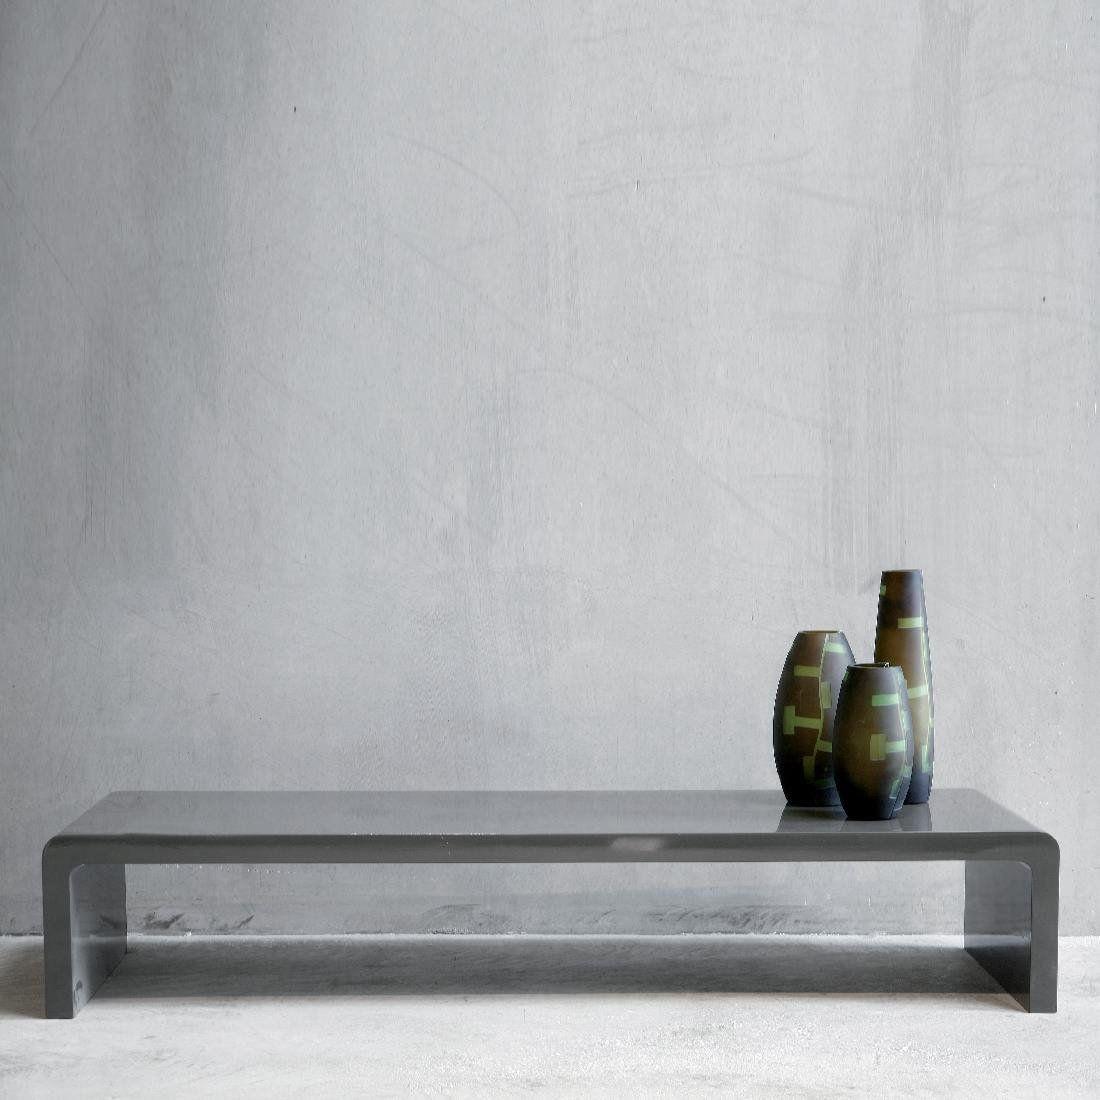 lowboard design möbel eben bild oder ebadebedccefacd jpg